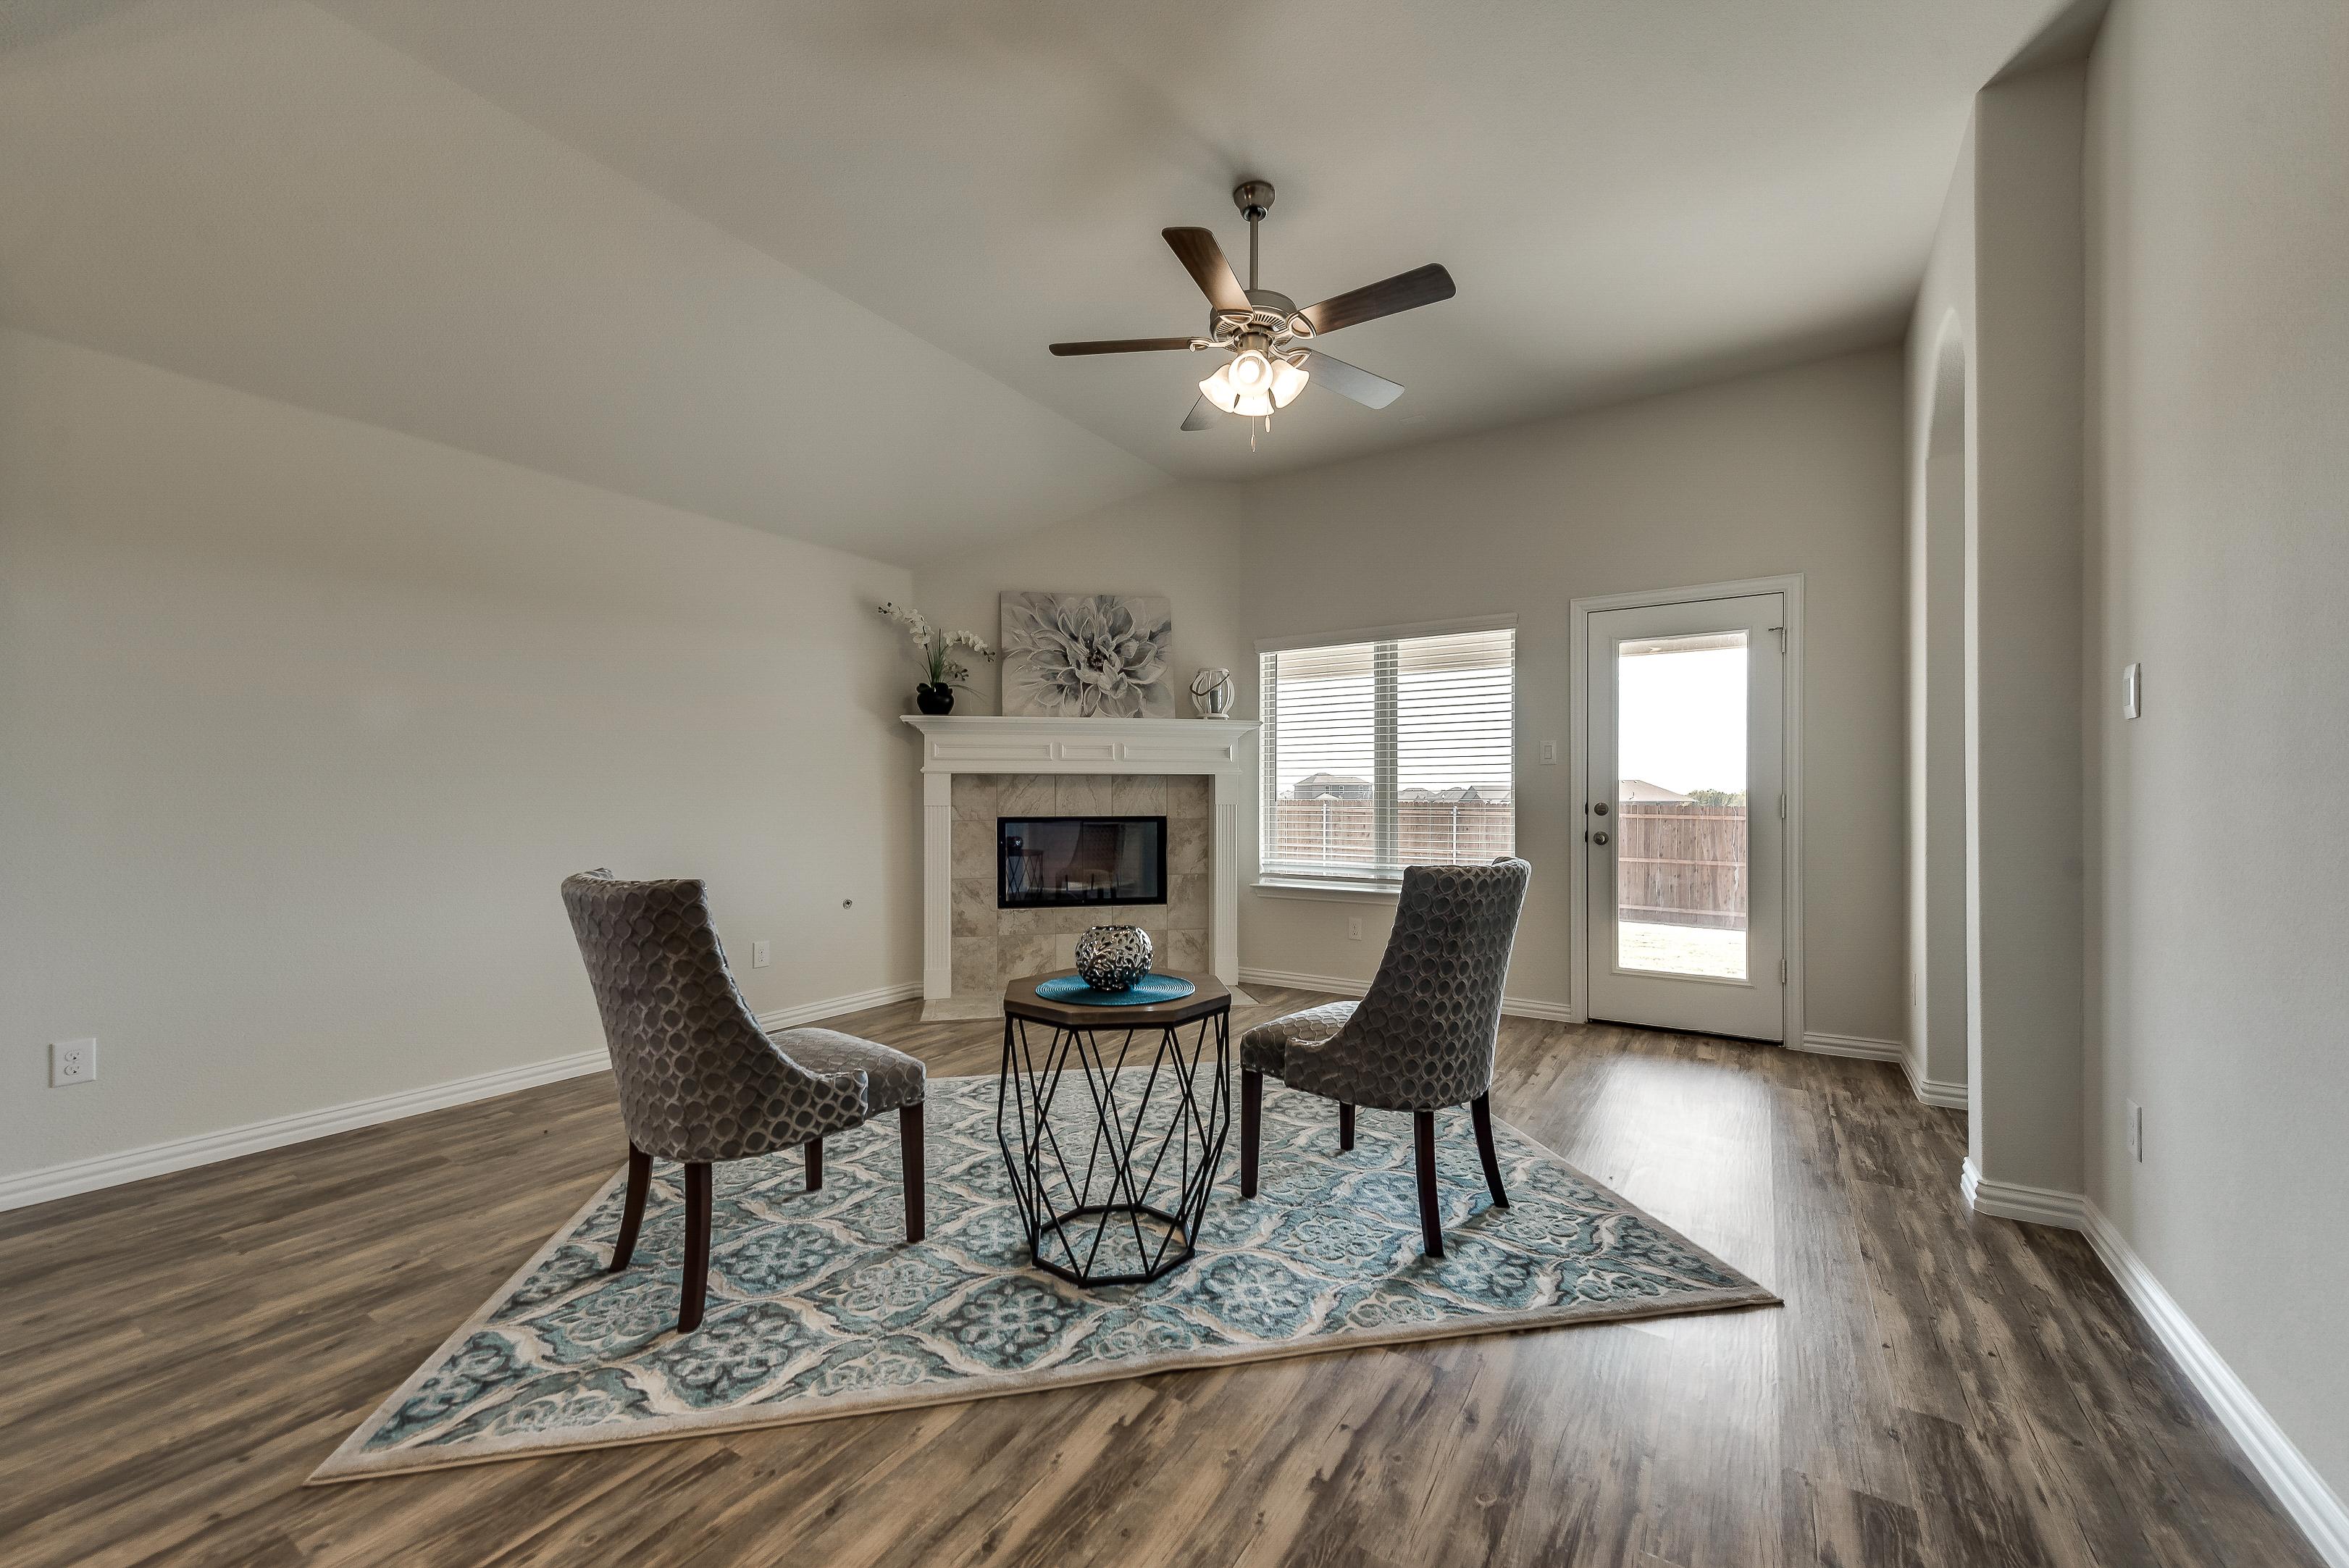 New Homes For Sale Sanger Tx Sable Creek 5 Pheasant Run